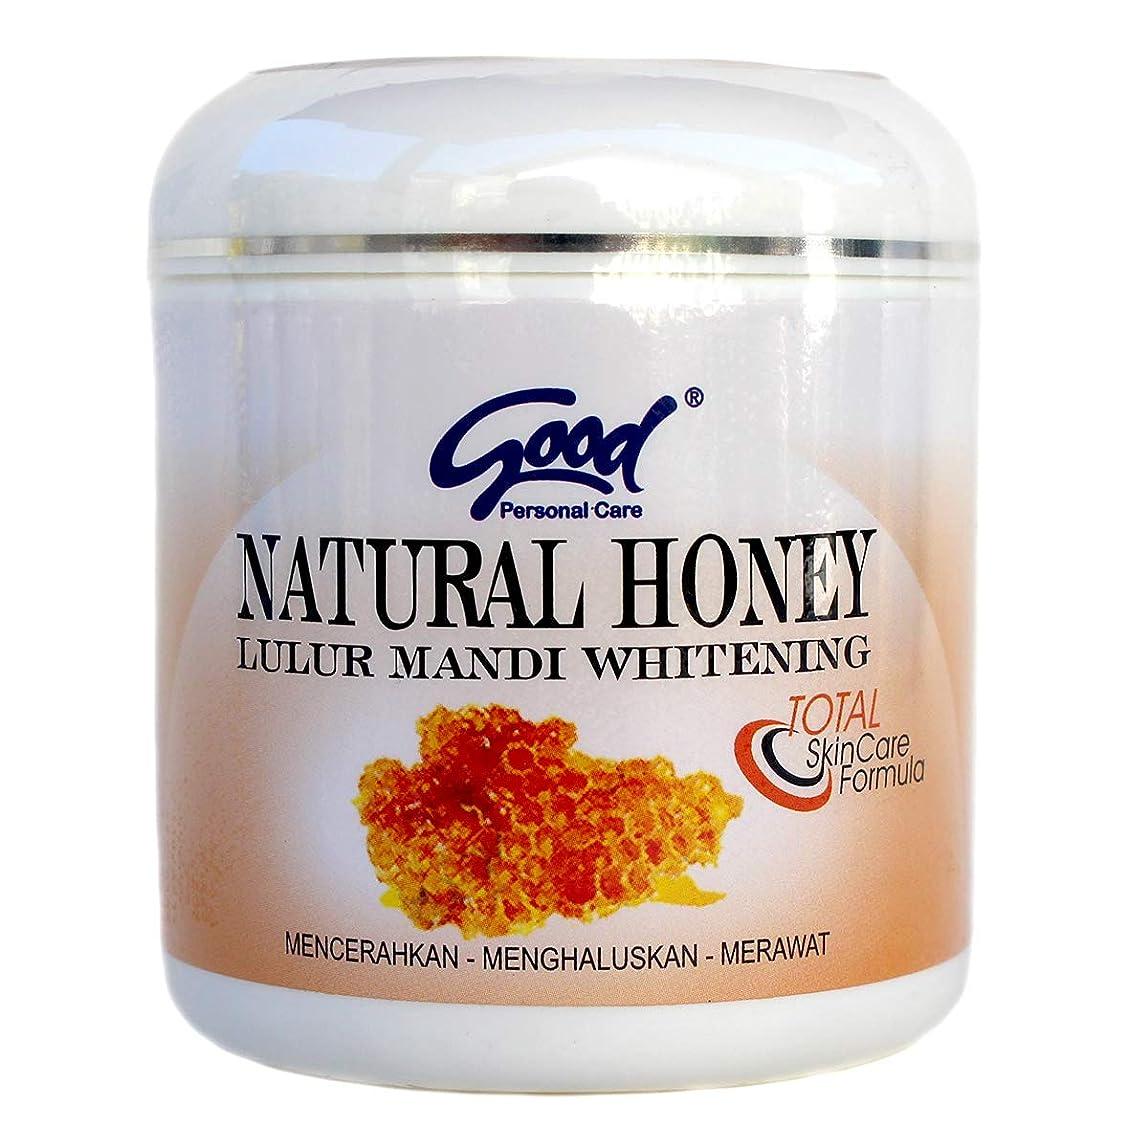 関与するちょっと待ってよりgood グッド インドネシアバリ島の伝統的なボディスクラブ Lulur Mandi マンディルルール 200g Natural Honey ナチュラルハニー [海外直送品]